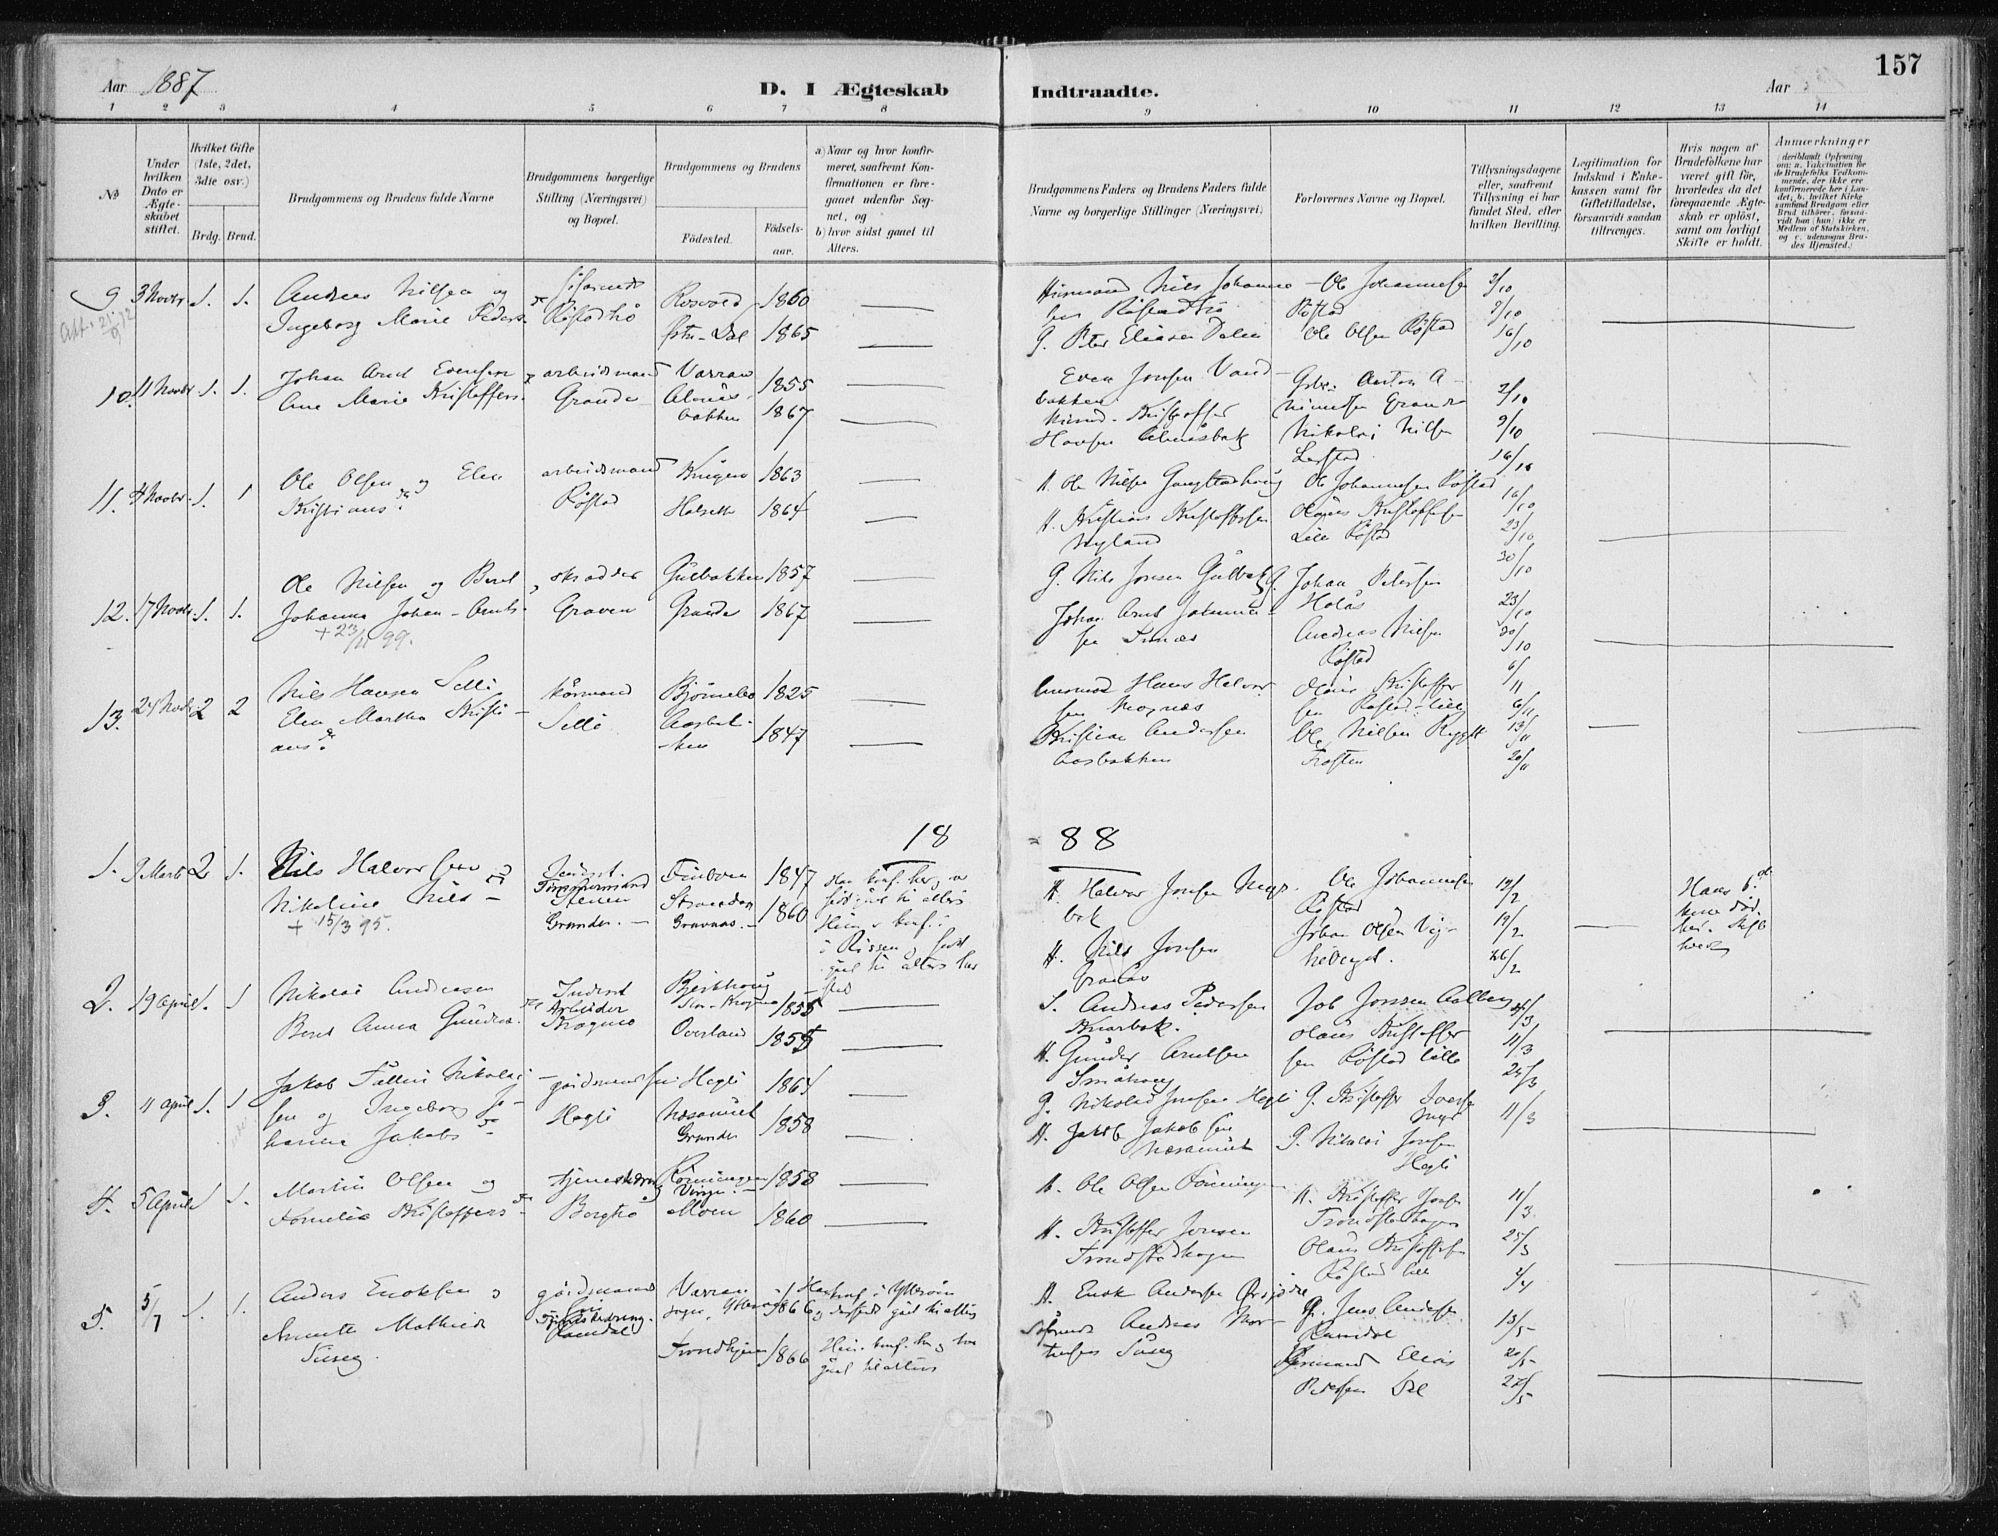 SAT, Ministerialprotokoller, klokkerbøker og fødselsregistre - Nord-Trøndelag, 701/L0010: Ministerialbok nr. 701A10, 1883-1899, s. 157